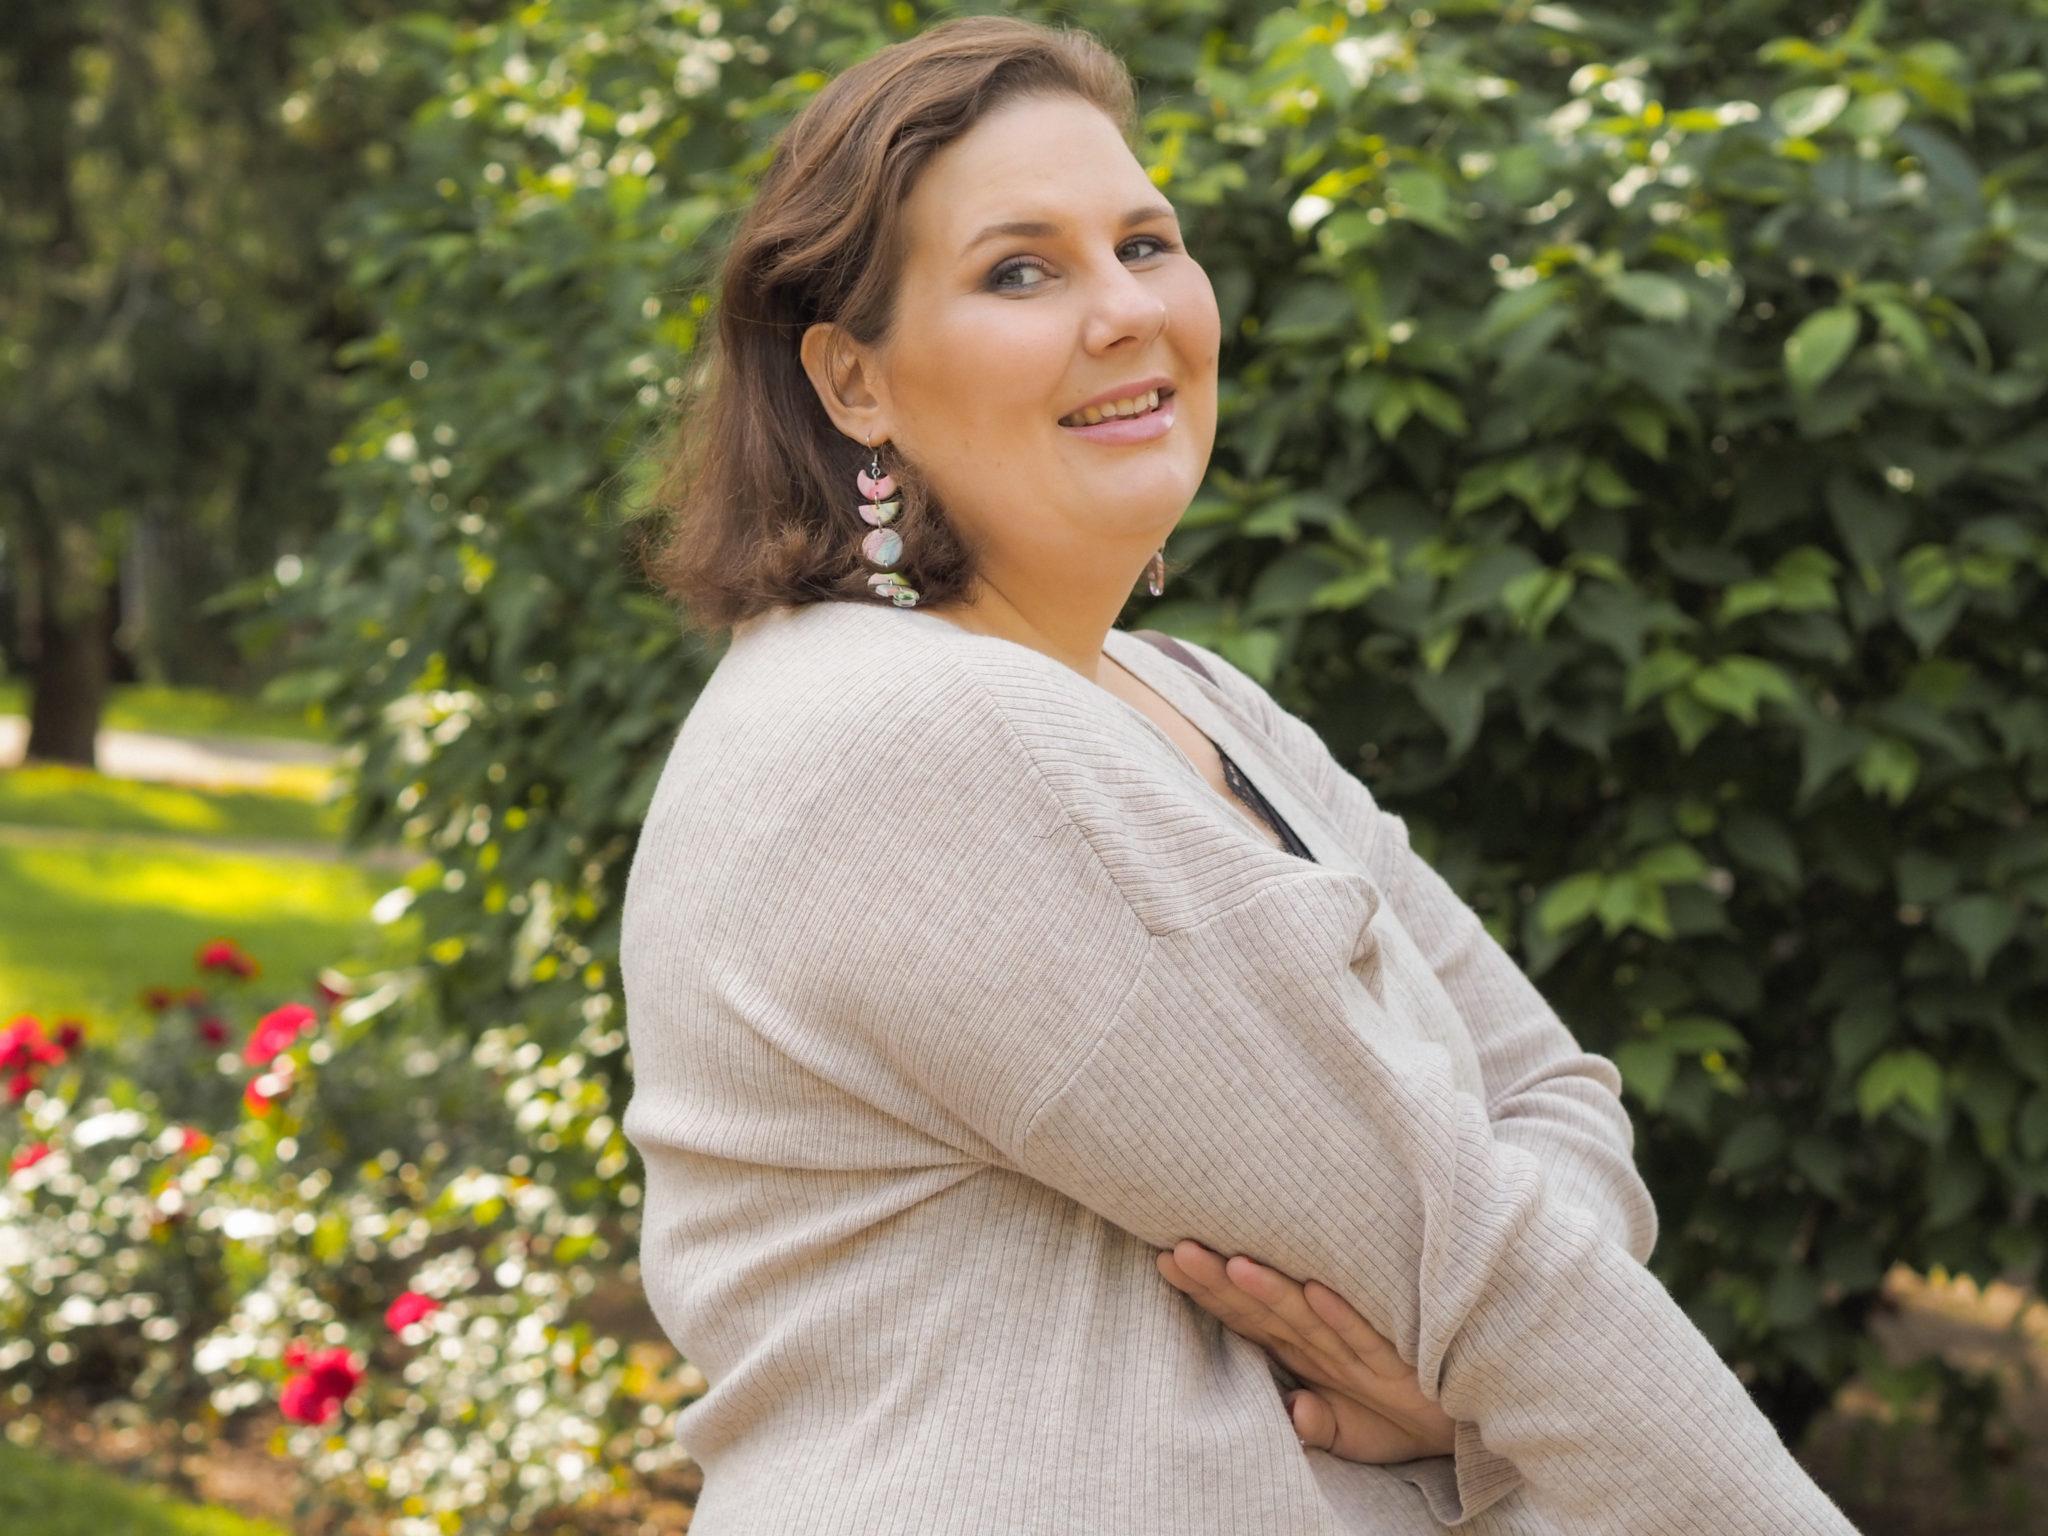 Miksi suomalainen mies ei enää kelpaa - BMH - Big mamas home by Jenni